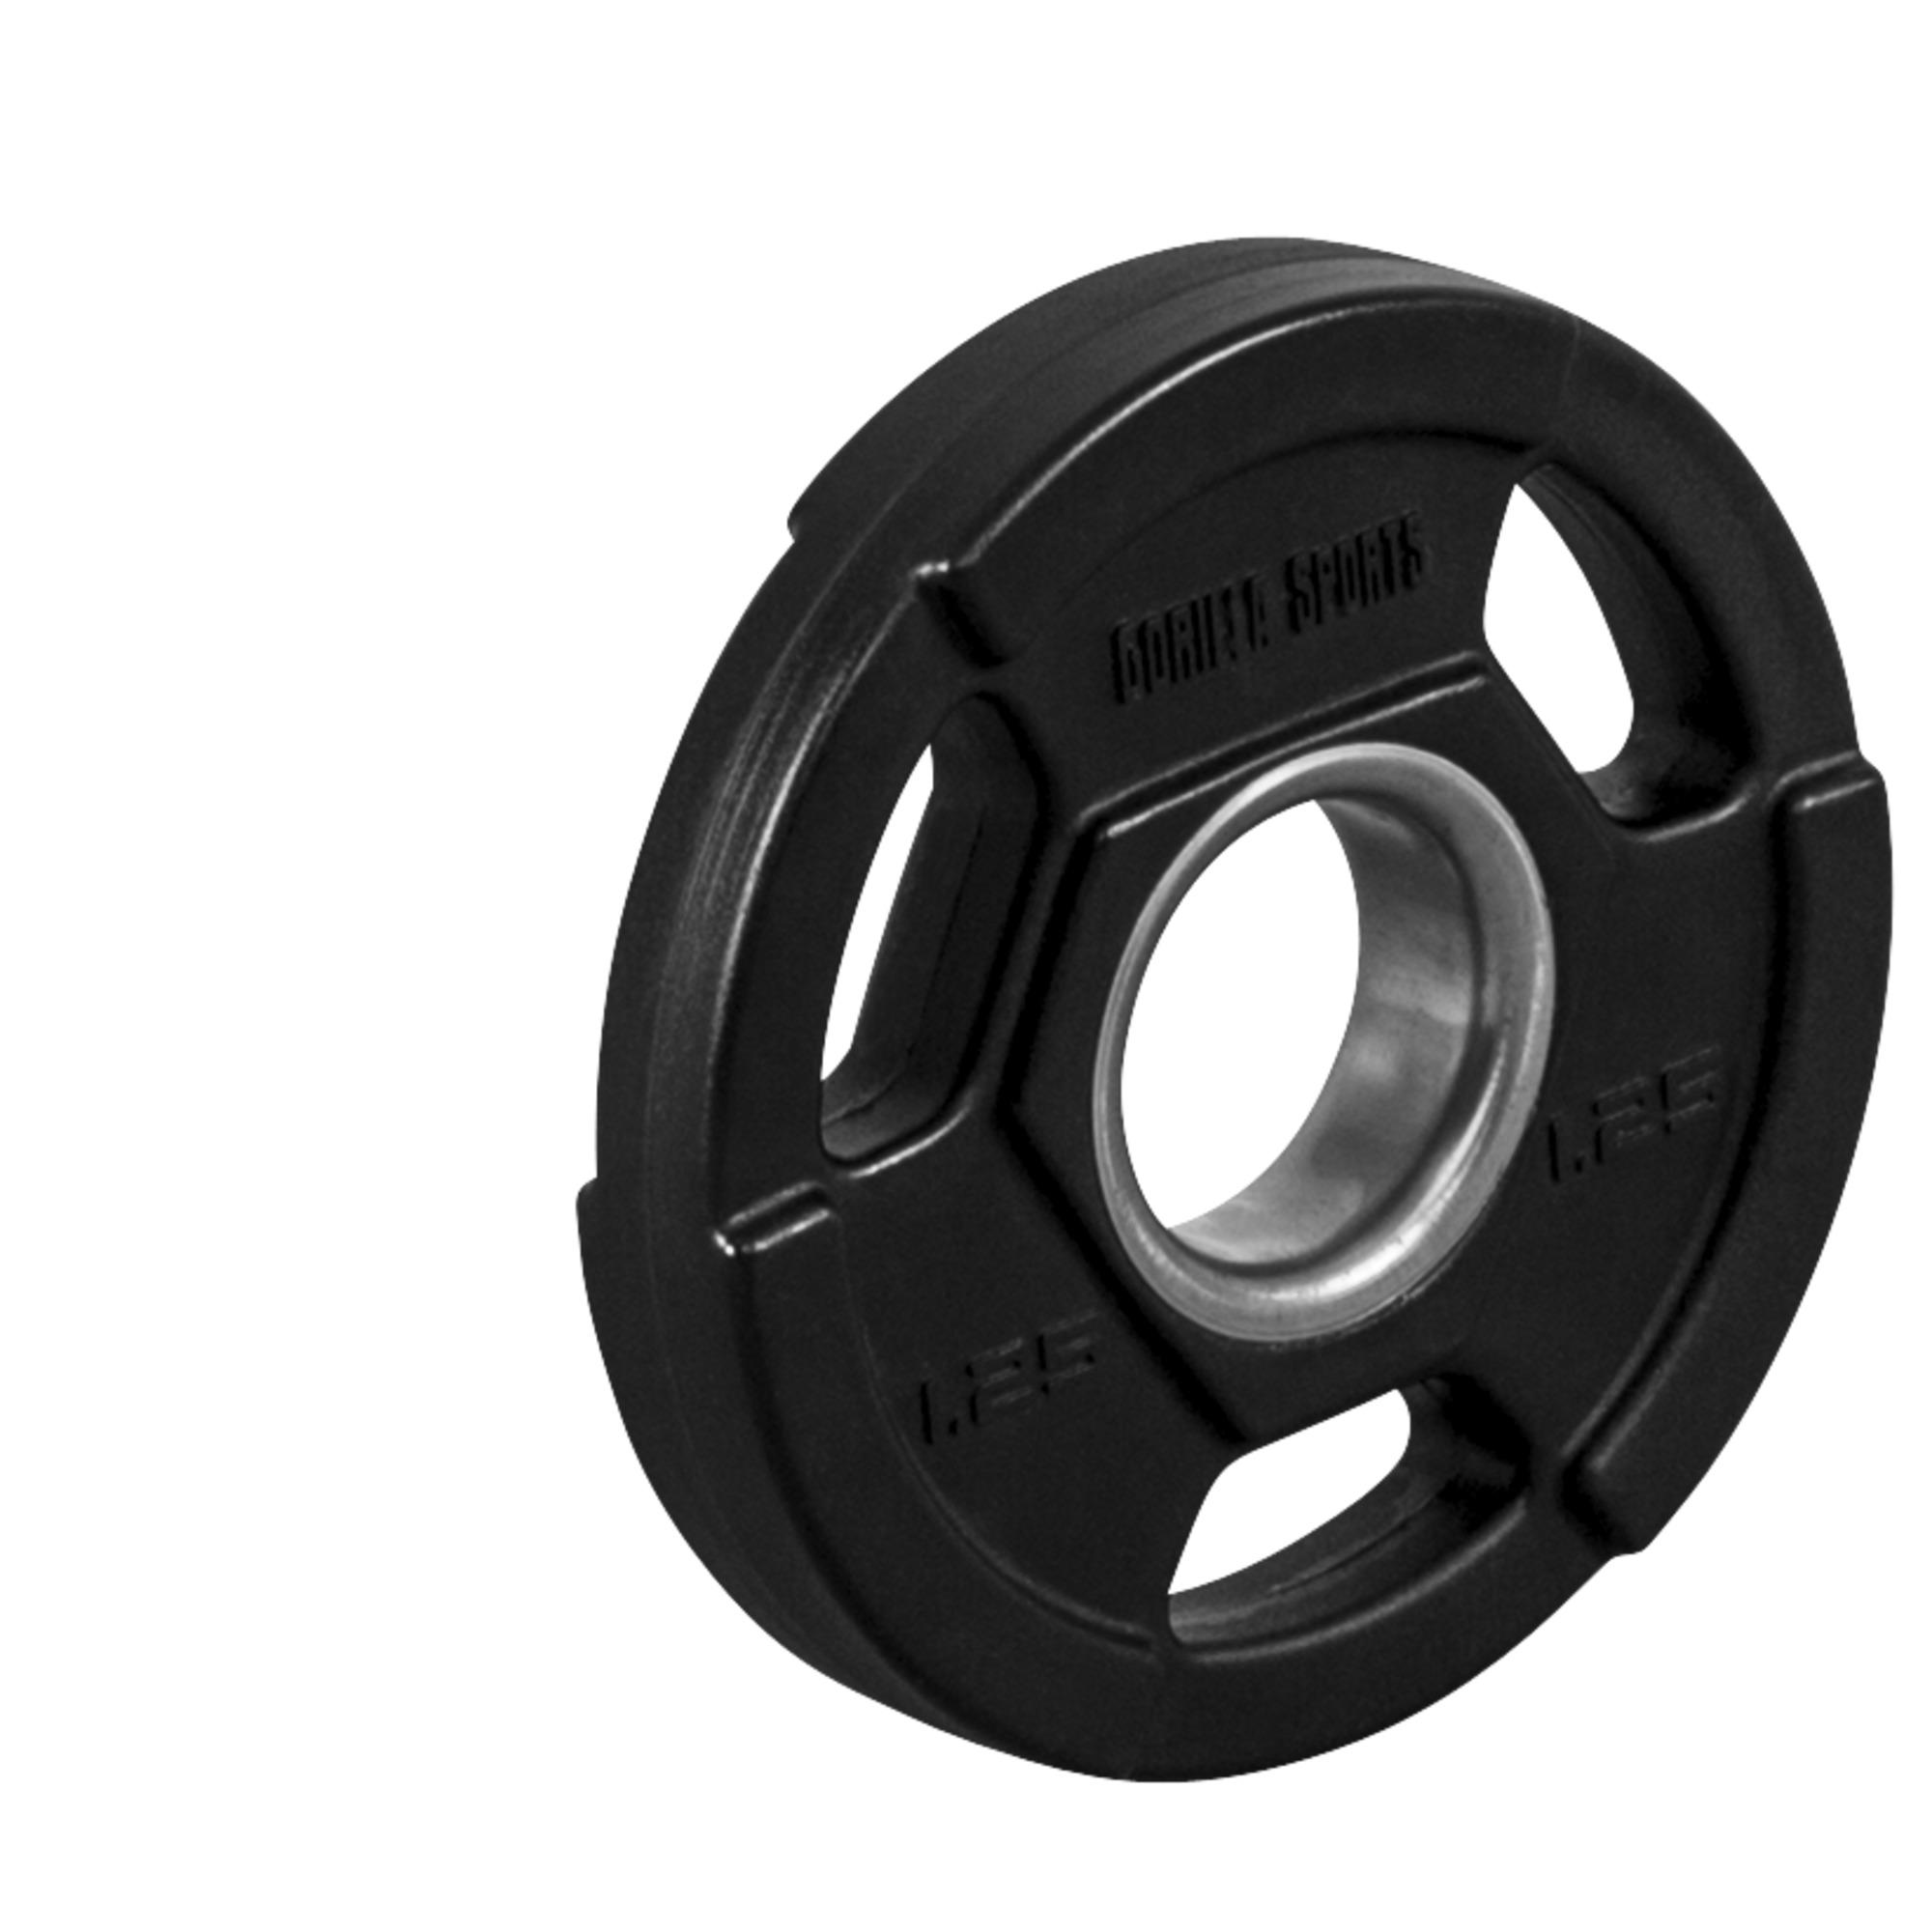 Gorilla Sports Hantelscheibe Kunststoff 1,25kg 100951-00019-0005